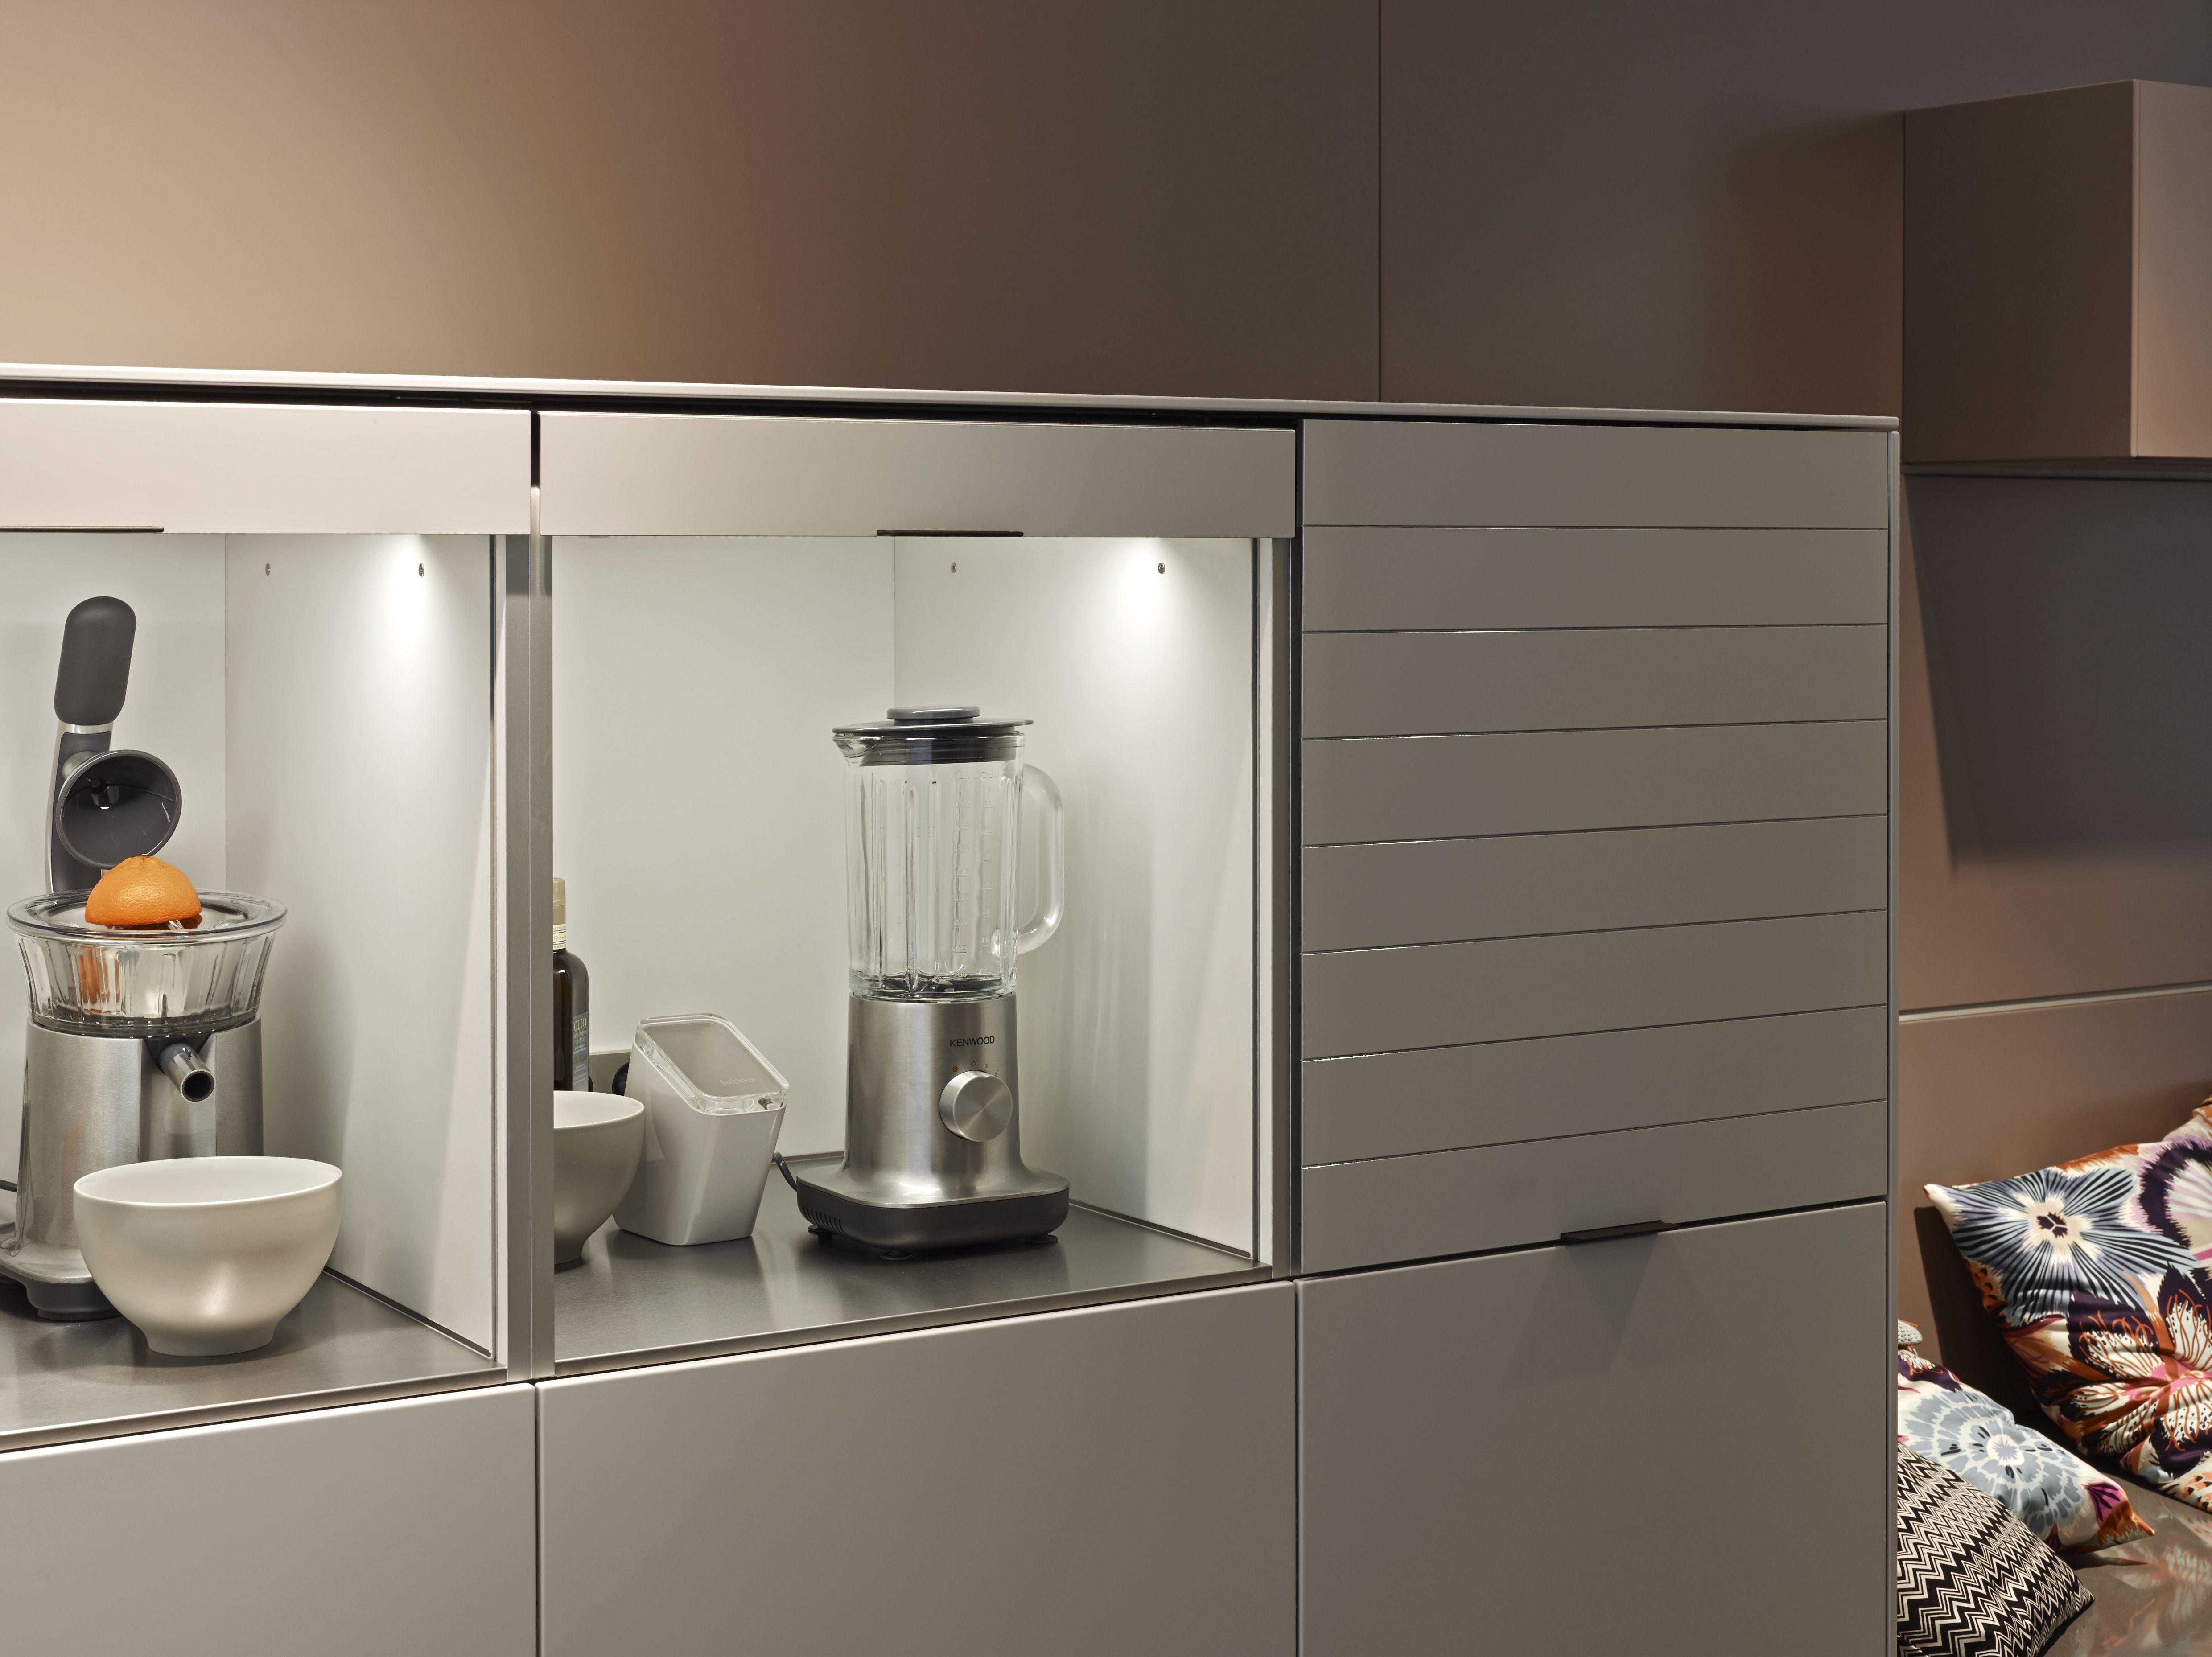 Jalousie Schrank mit beste design für ihr wohnideen